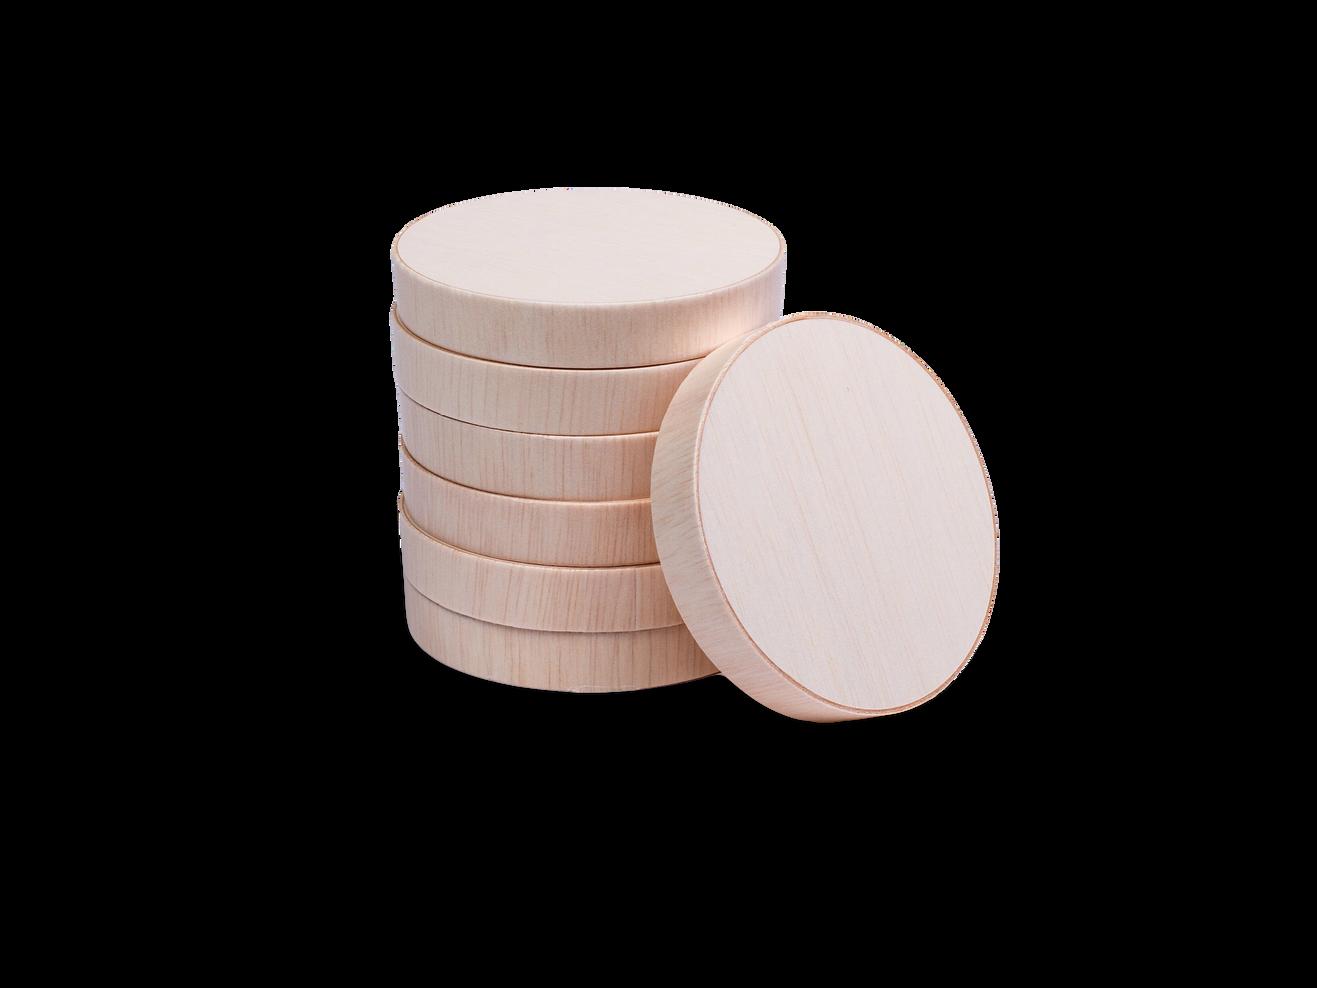 Round Wooden Lid